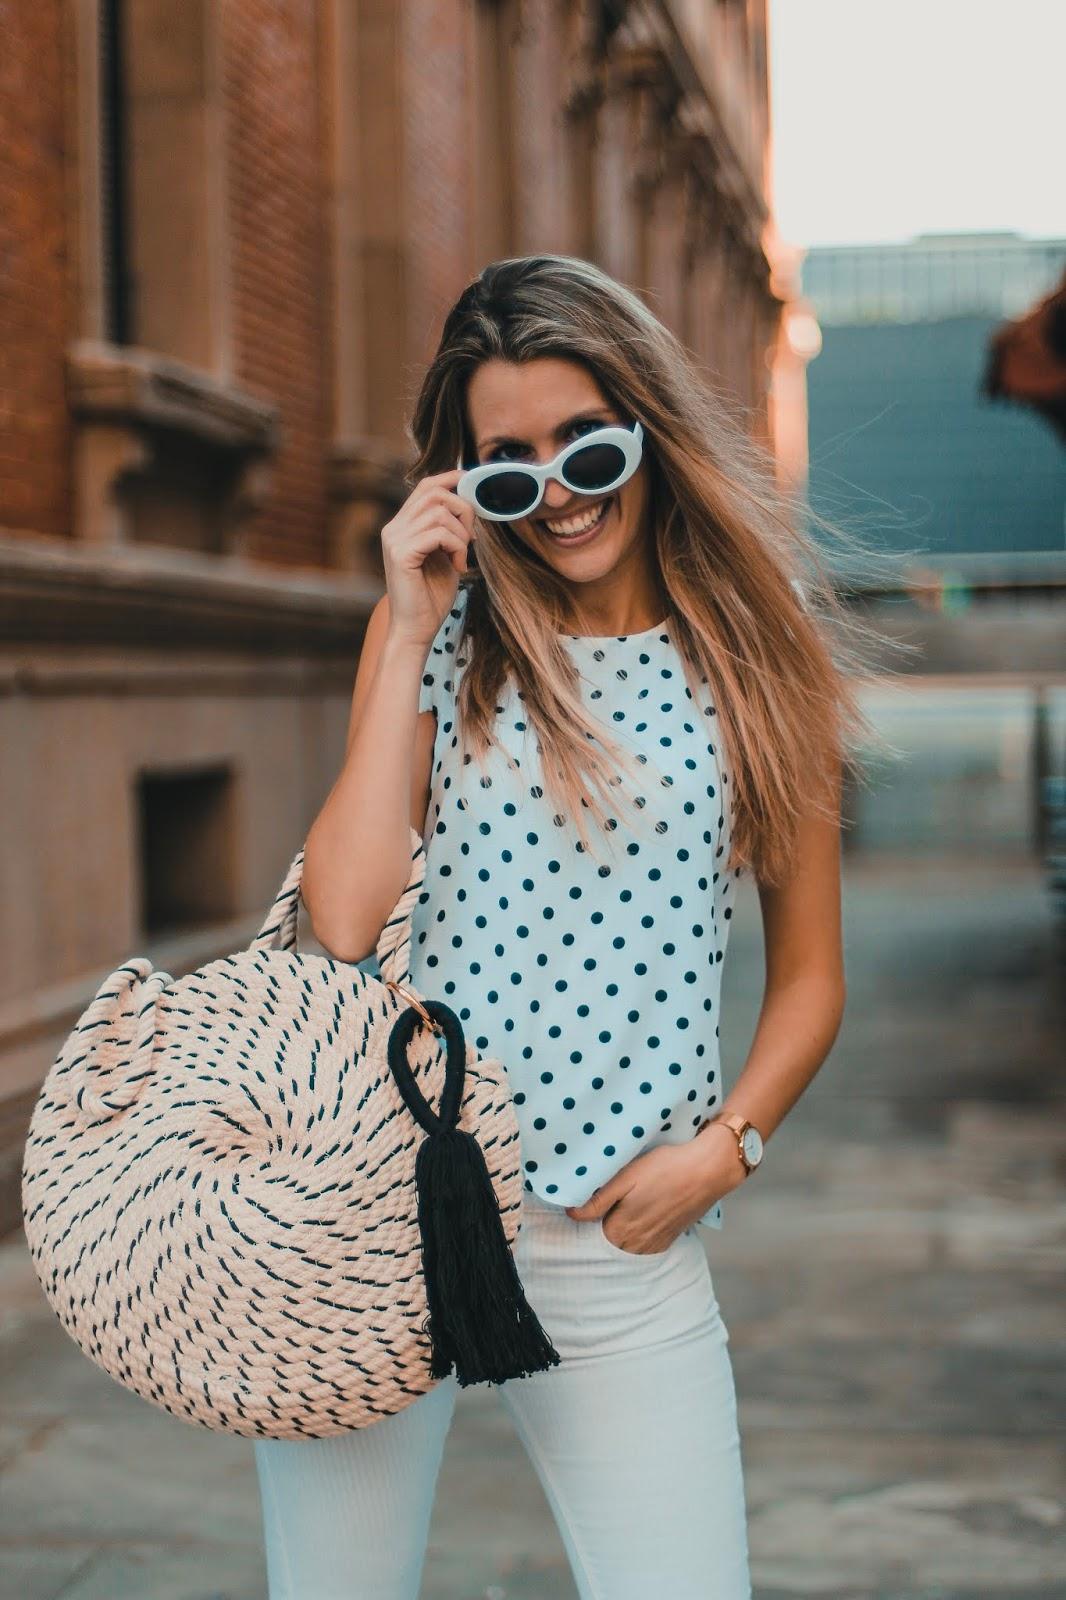 comprar gafas de sol tendencia